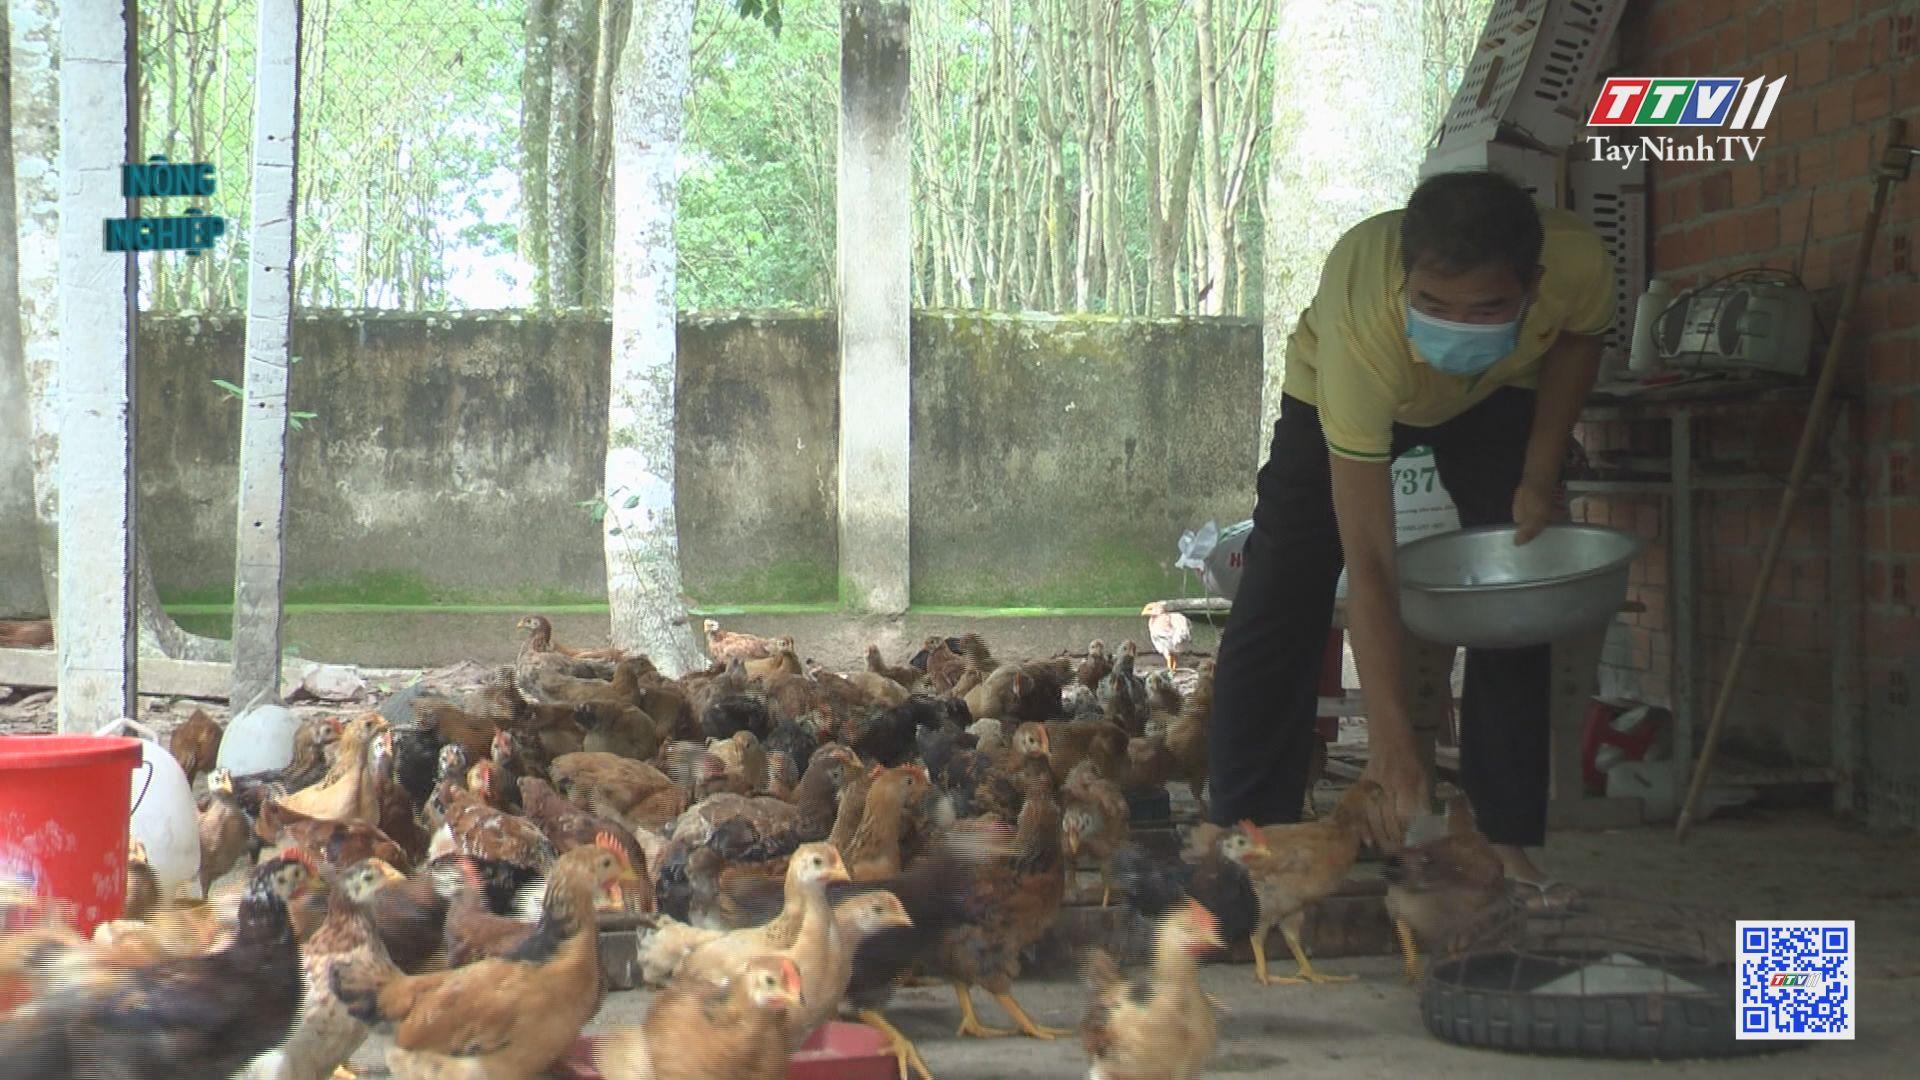 Nuôi gà thịt theo hướng an toàn sinh học | NÔNG NGHIỆP TÂY NINH | TayNinhTV